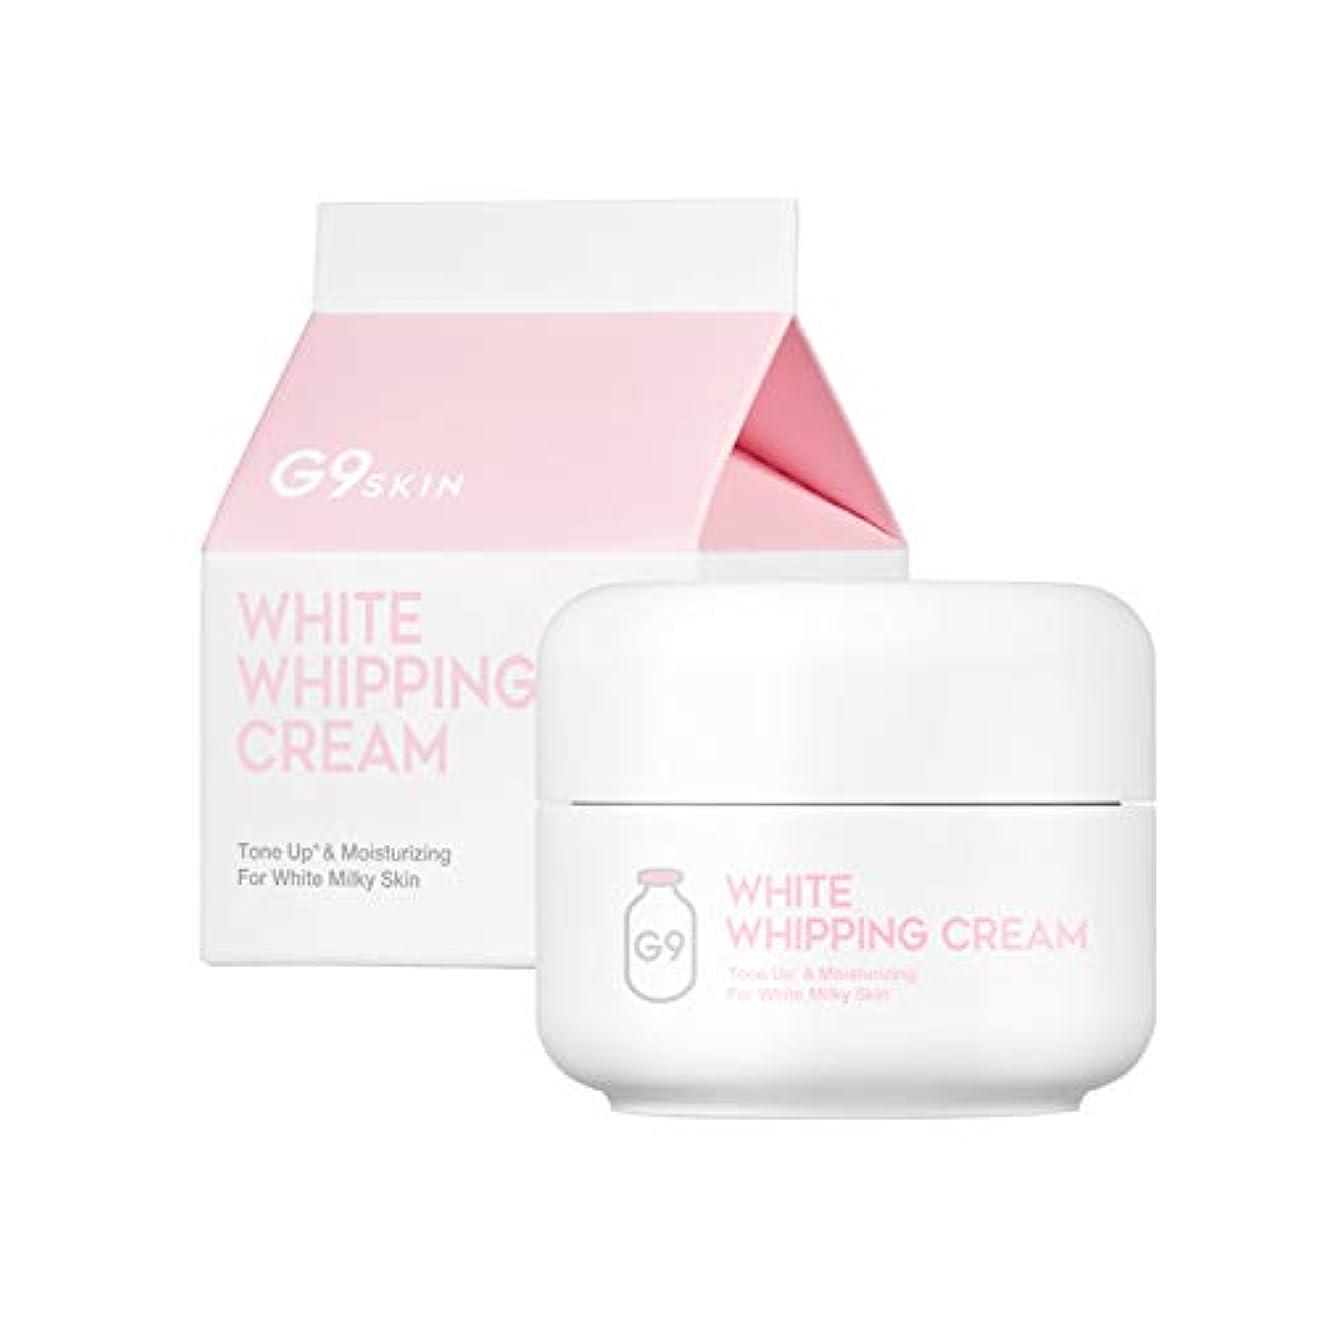 持参キャベツ責任G9SKIN(ベリサム) ホワイト イン 生クリーム WHITE IN WHIPPING CREAM 50g